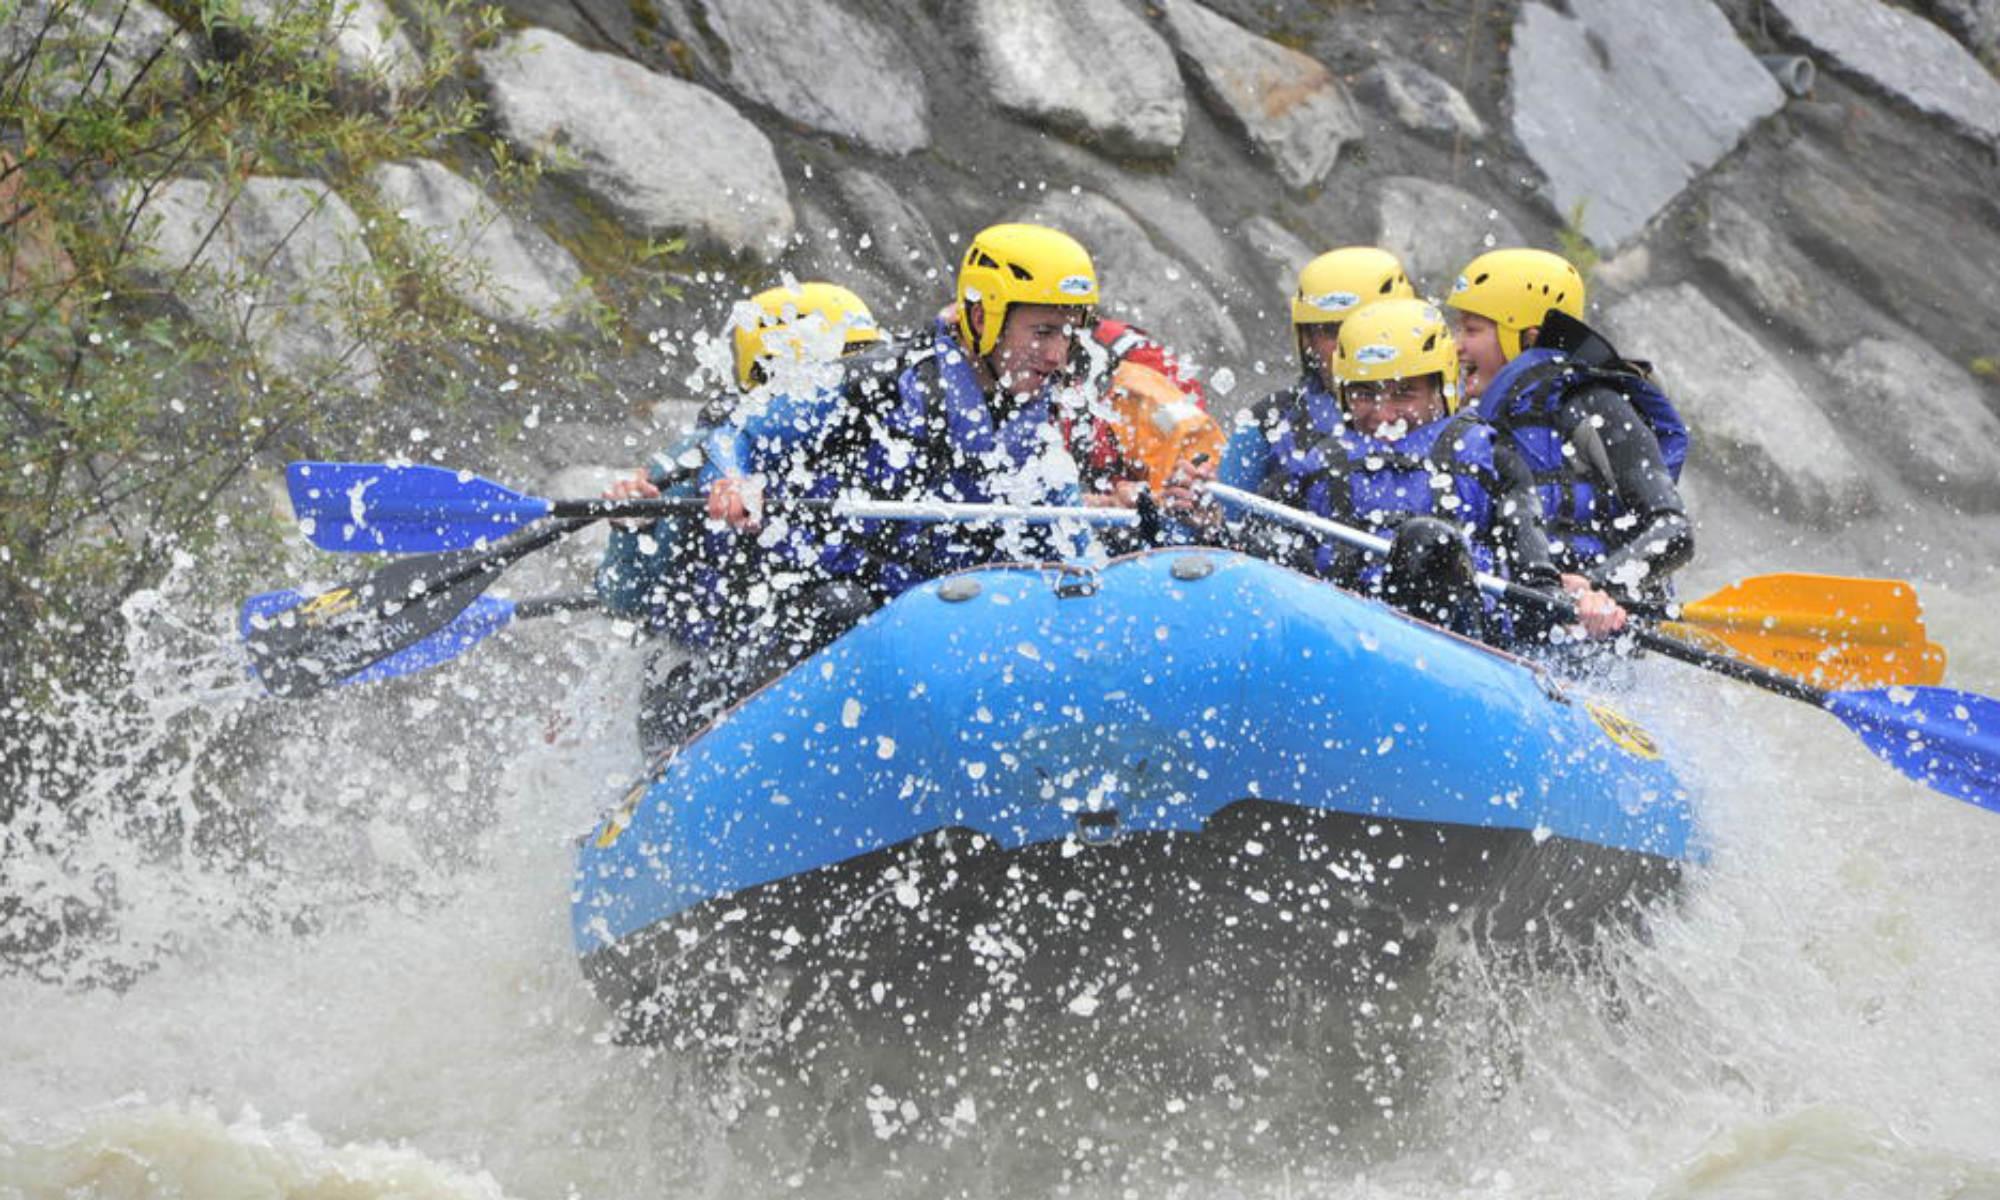 Un groupe fait du rafting à Chamonix sur l'Arve.